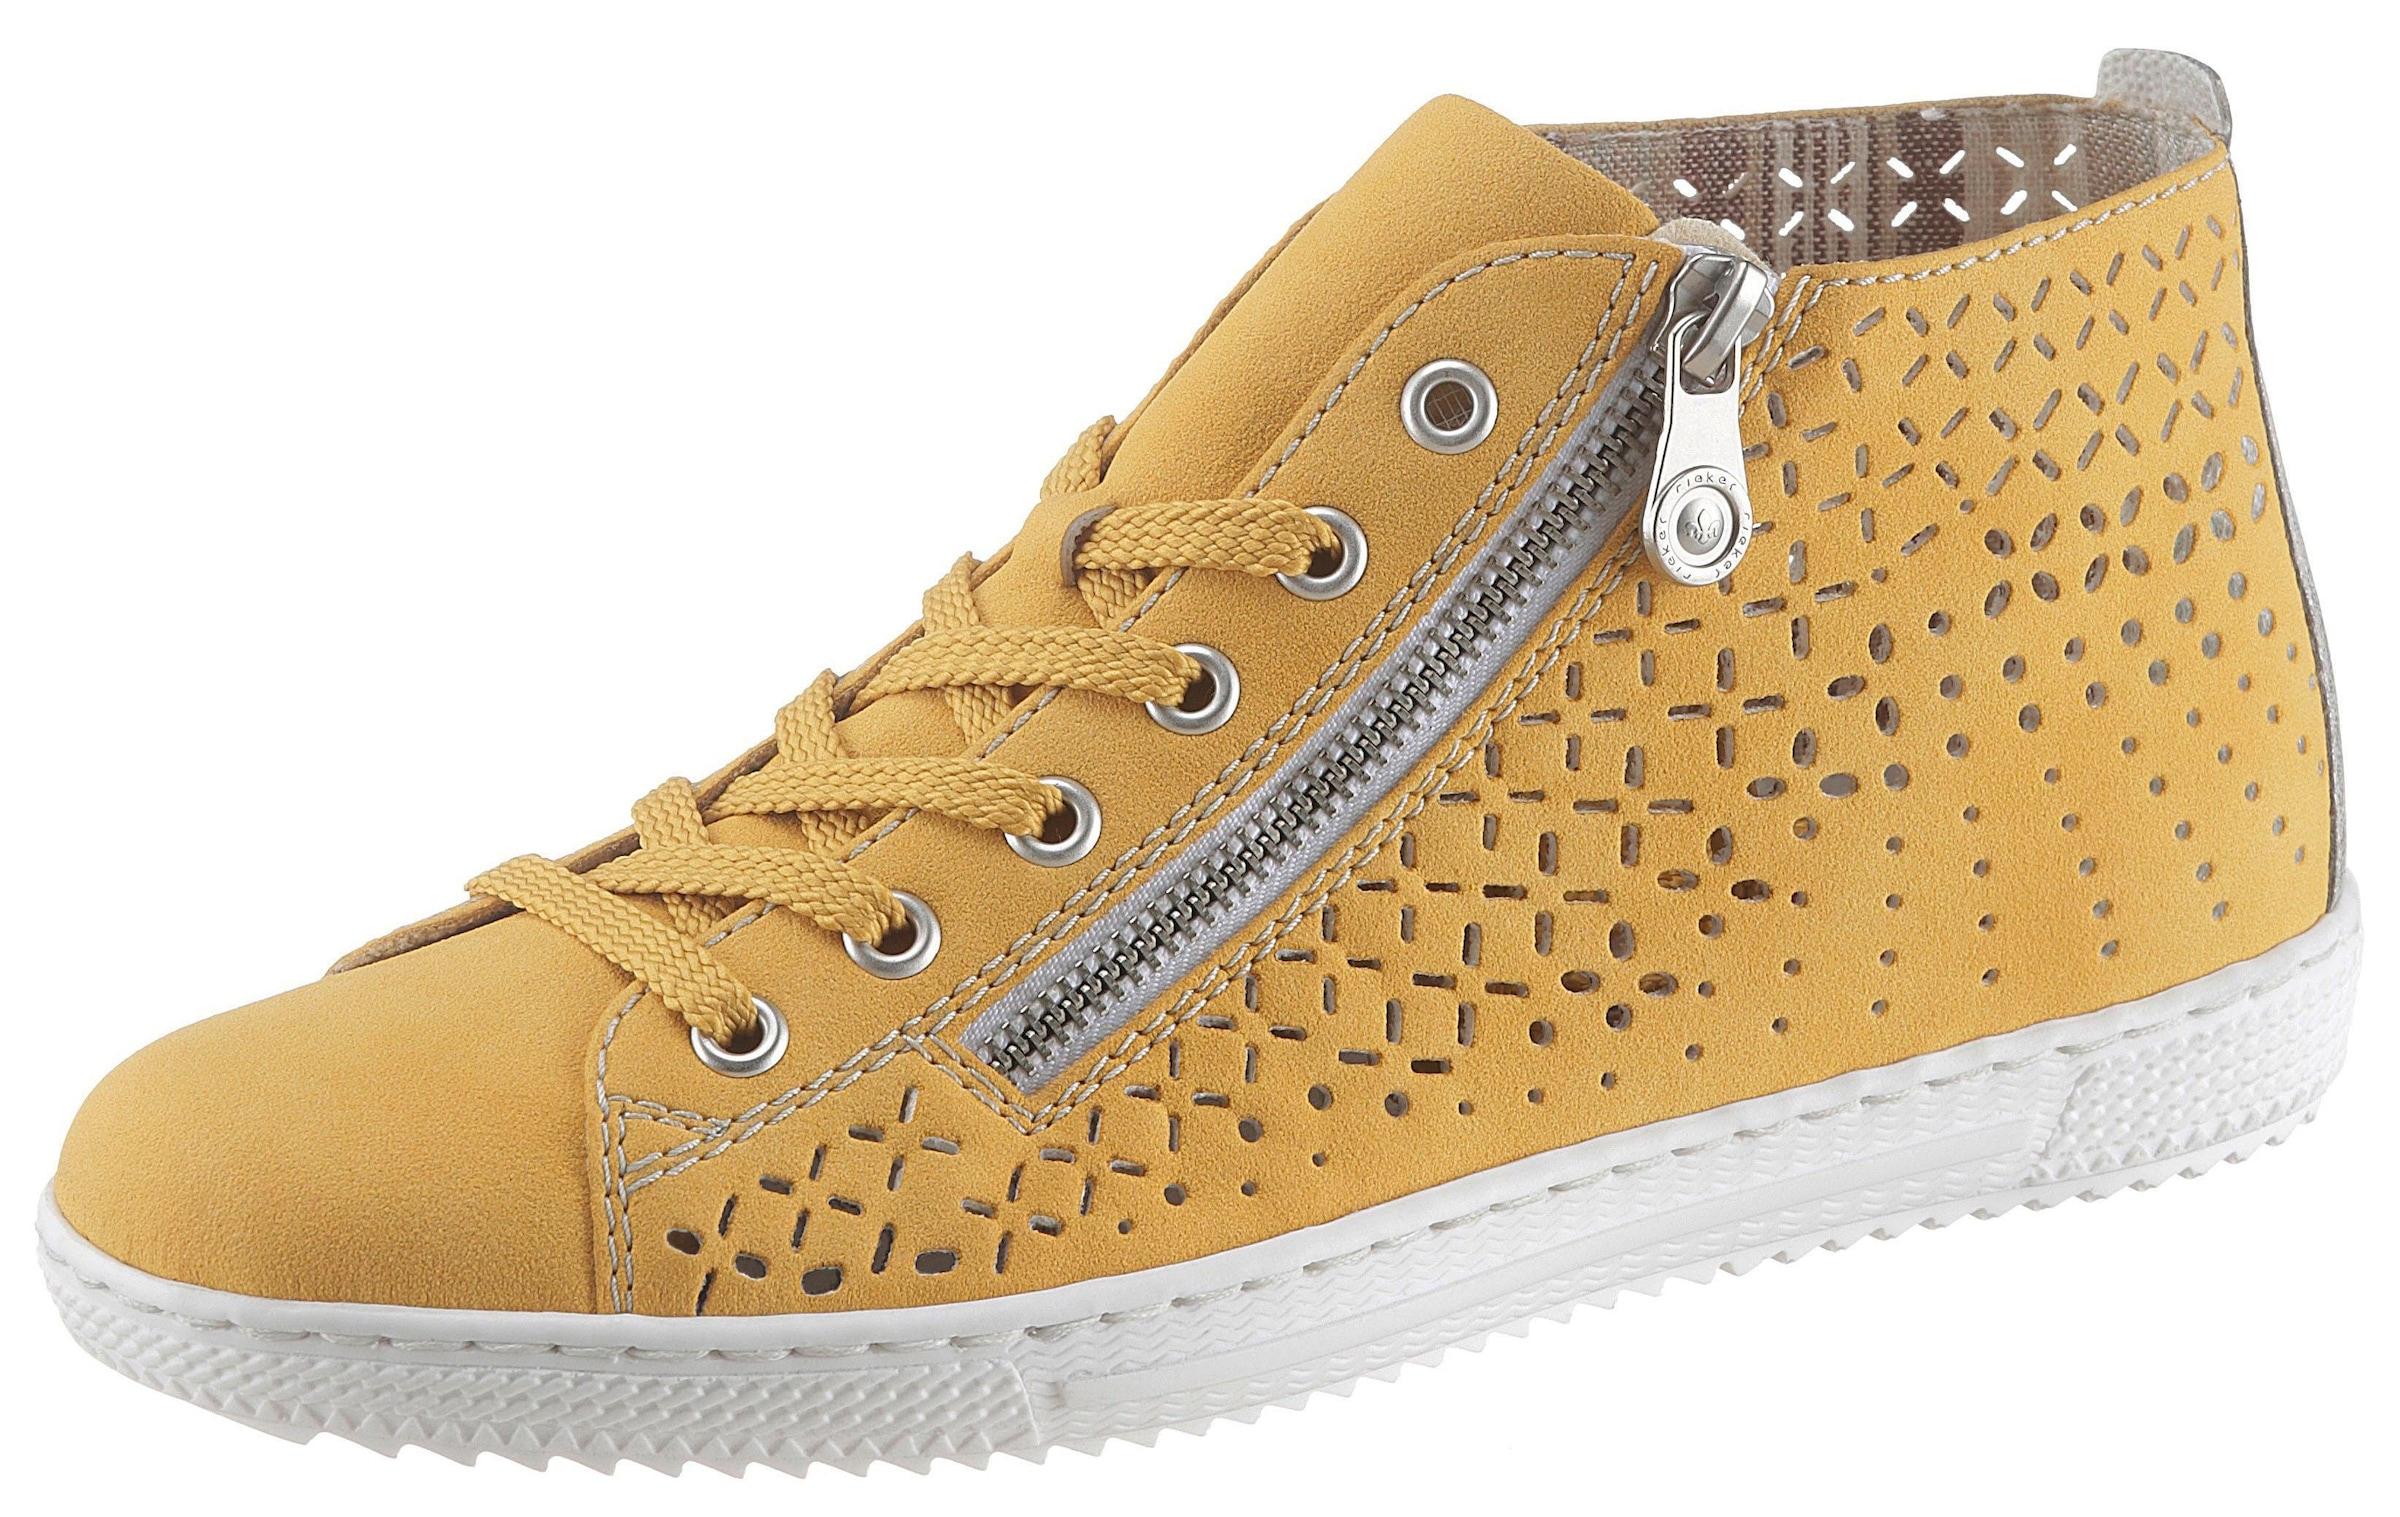 Rieker Schuhe für Damen 2020 online auf Rechnung kaufen | BAUR 90MTt